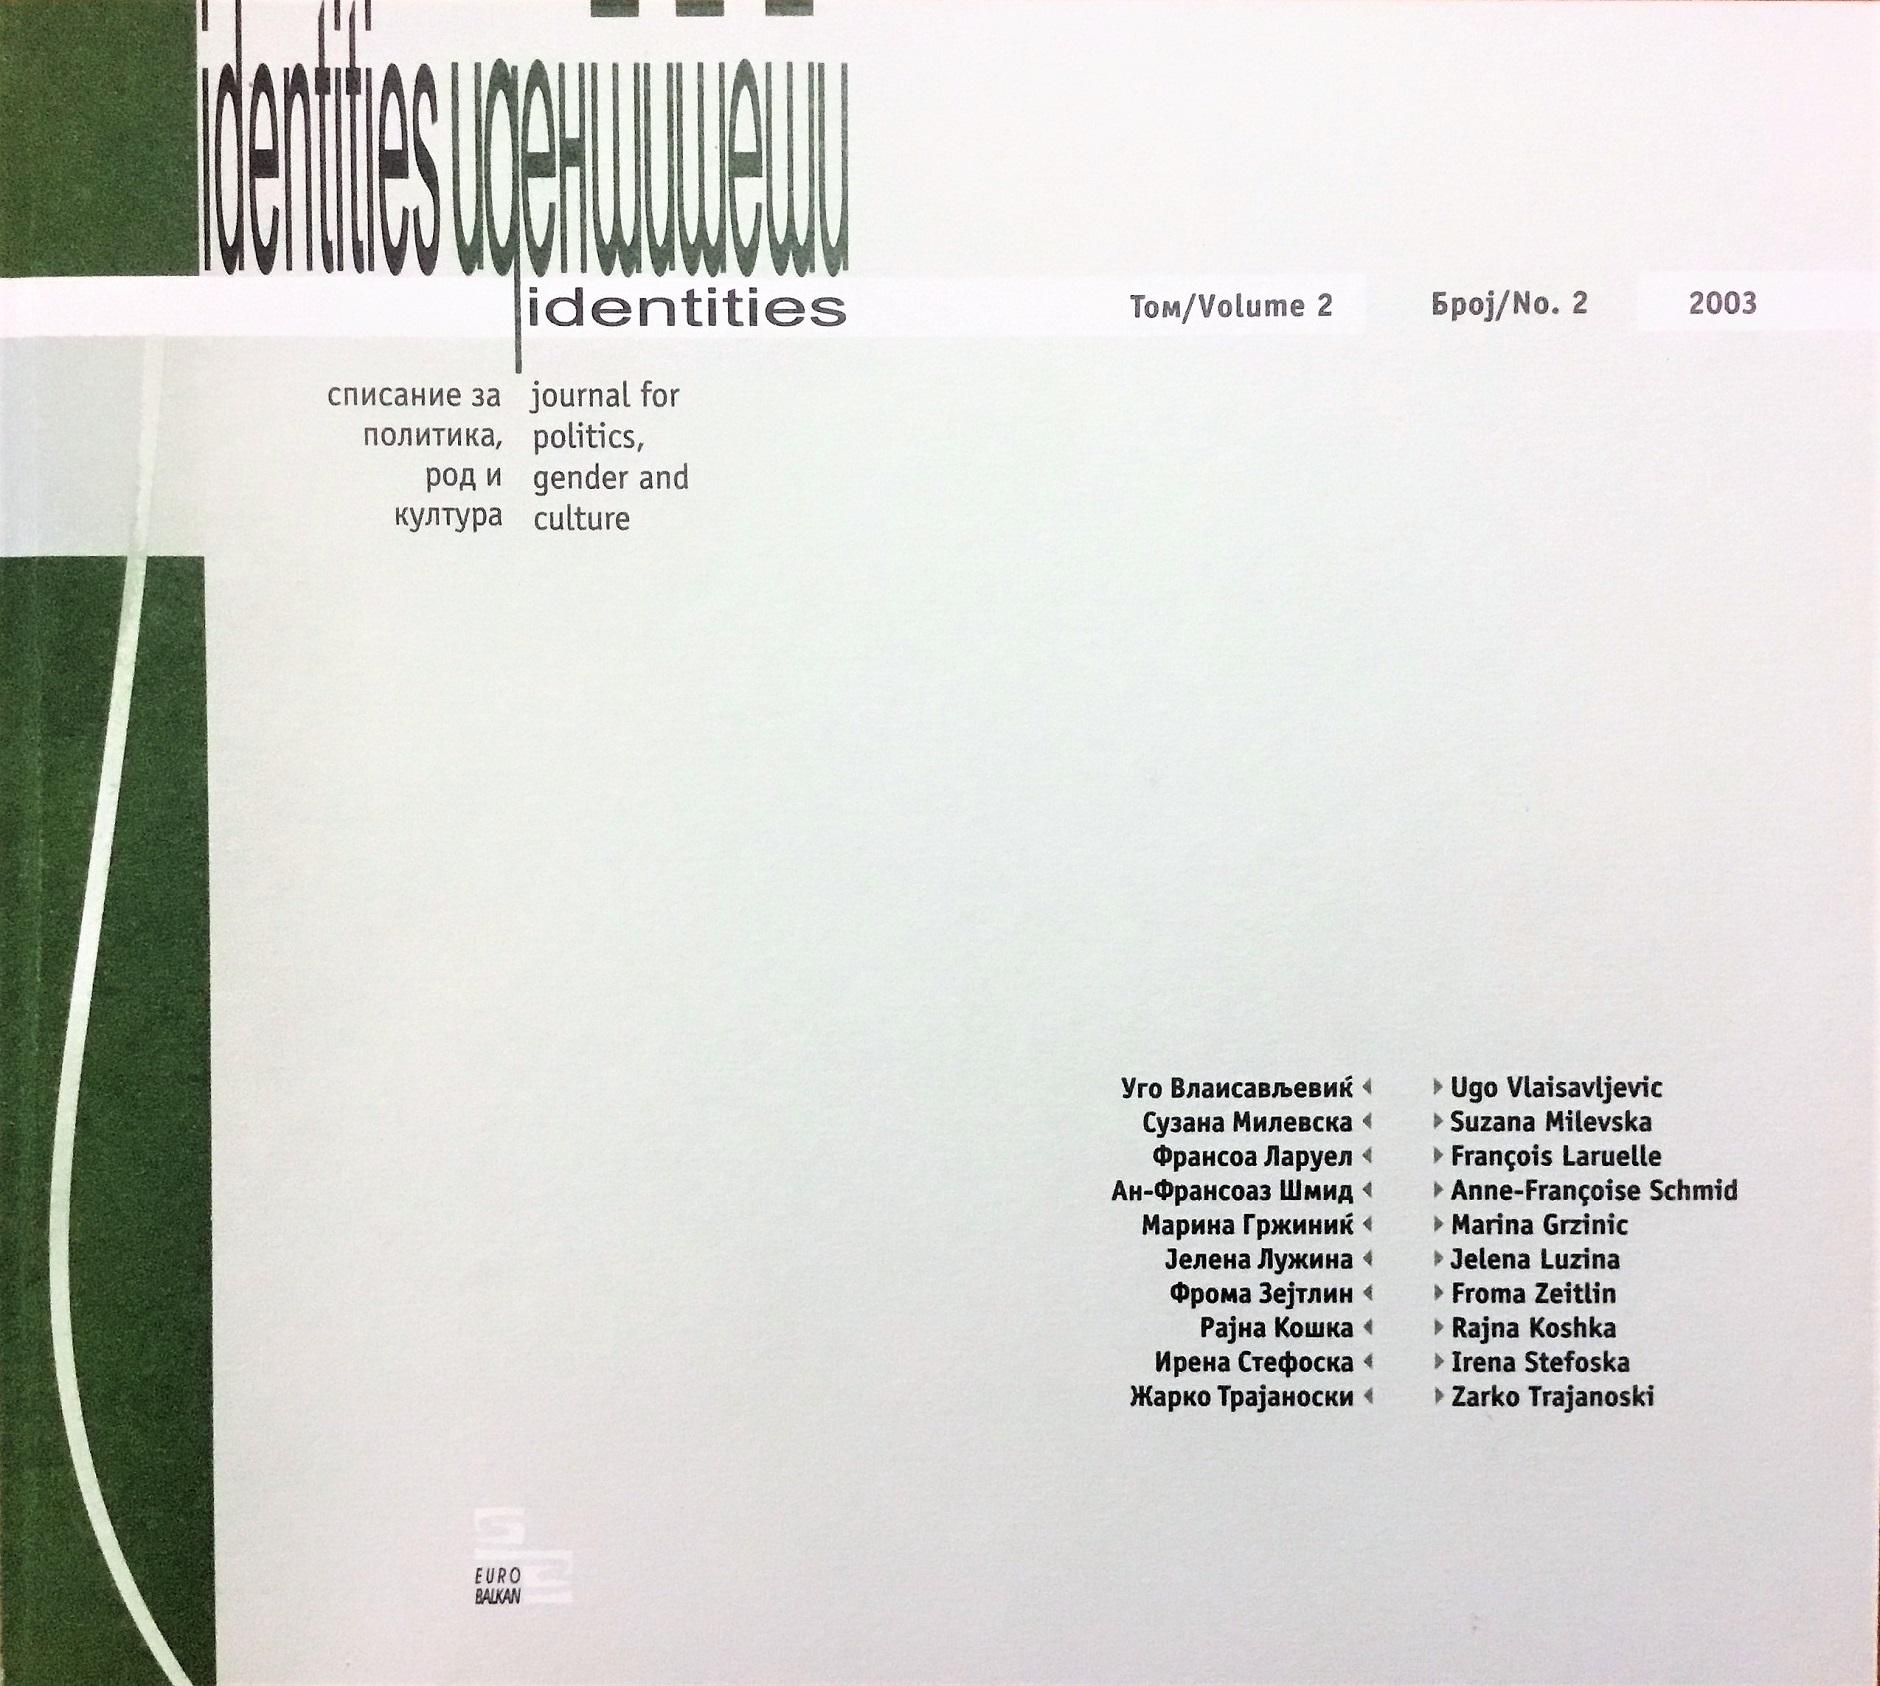 View Vol. 2 No. 2 (2003): Vol. 2, No. 2 (Winter 2003) - Issue No. 5